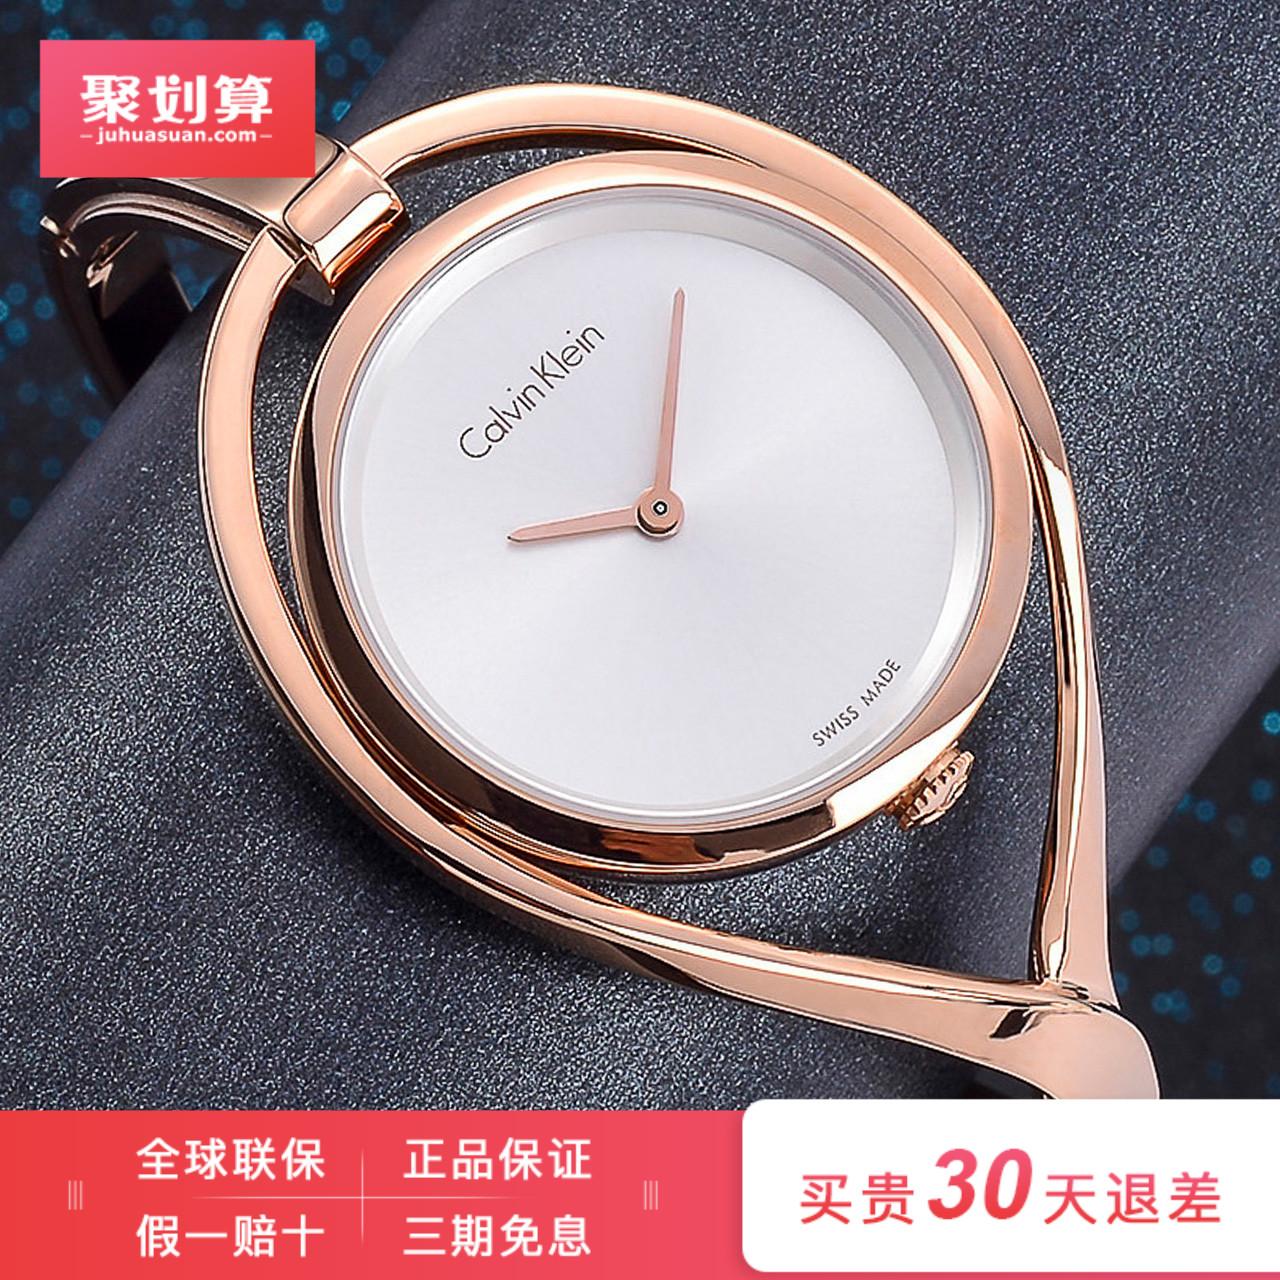 原装进口正品CK手表时尚简约休闲石英钢带珠宝扣防水女表K6L2S616